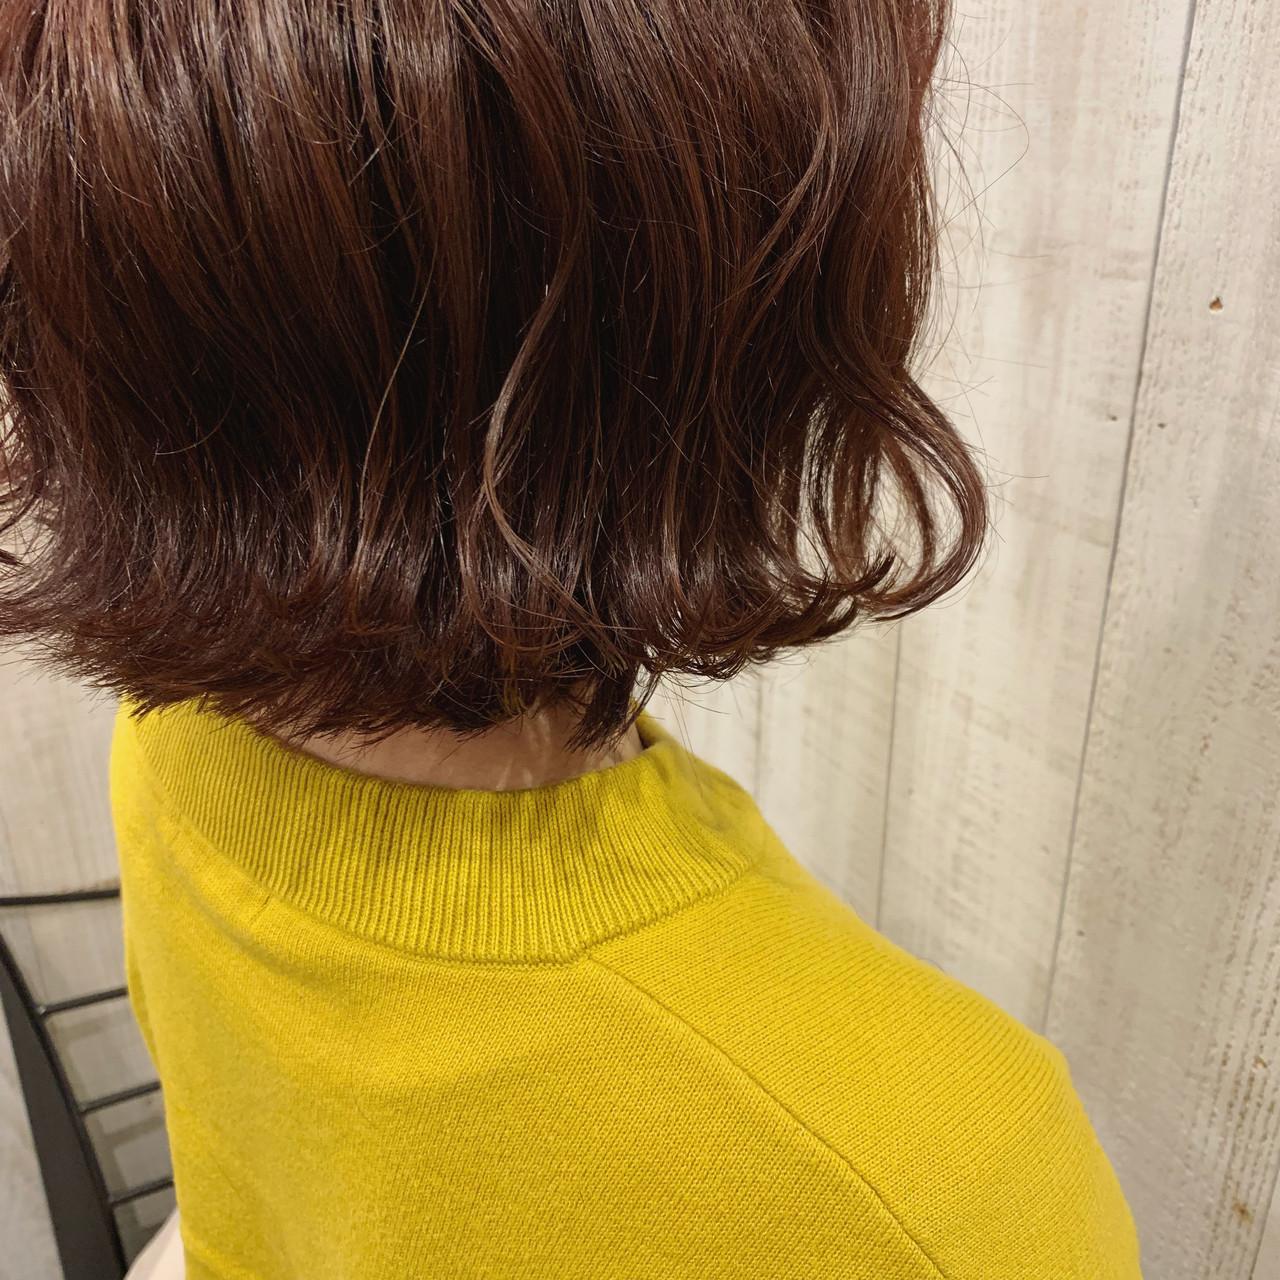 ガーリー 外ハネボブ 切りっぱなしボブ ボブ ヘアスタイルや髪型の写真・画像